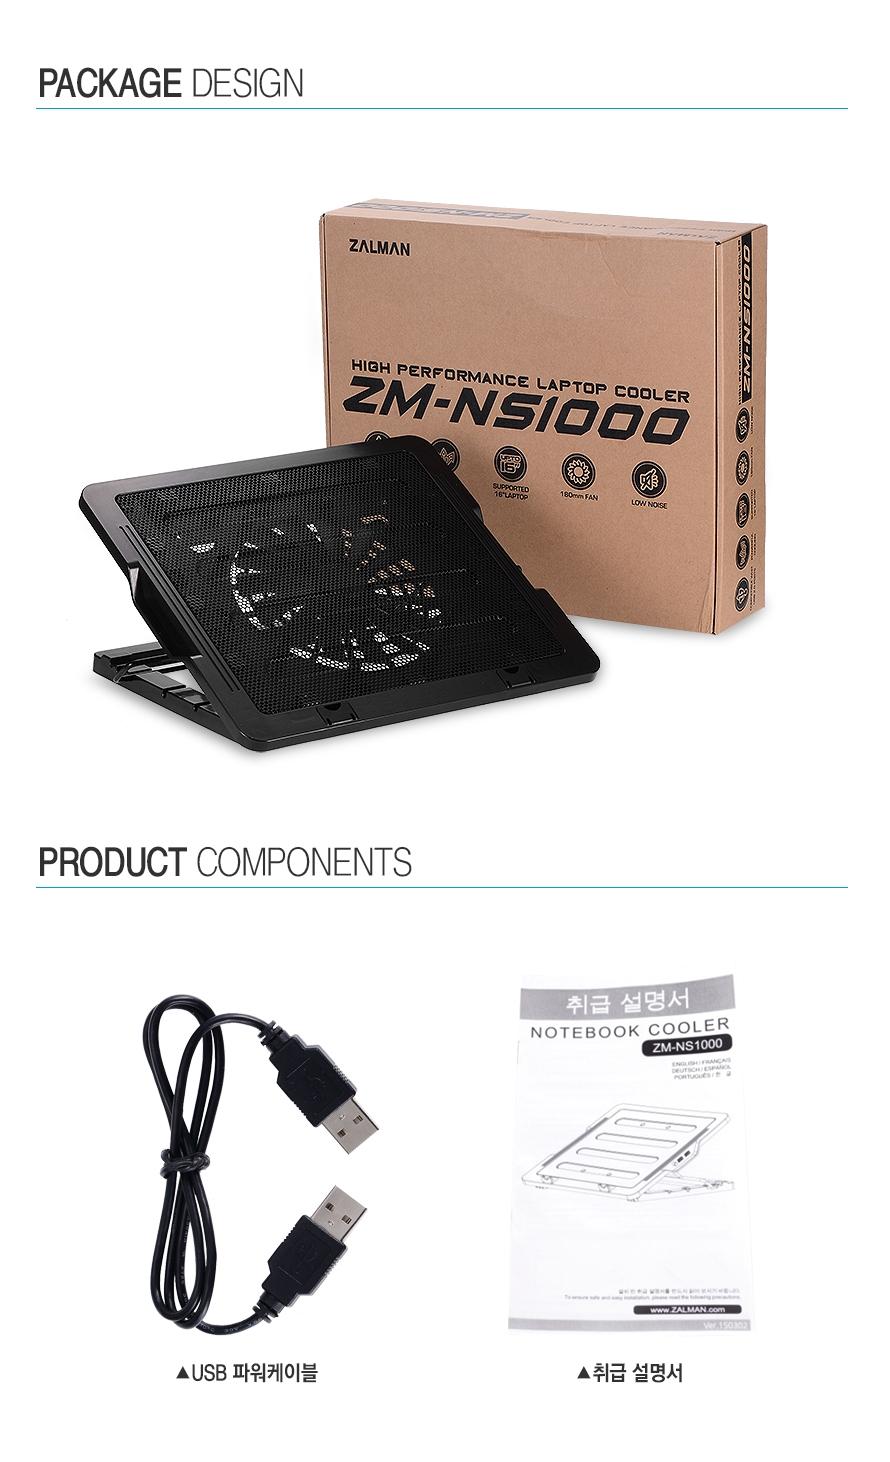 패키지 및 구성품 USB 파워 케이블, 사용자 설명서